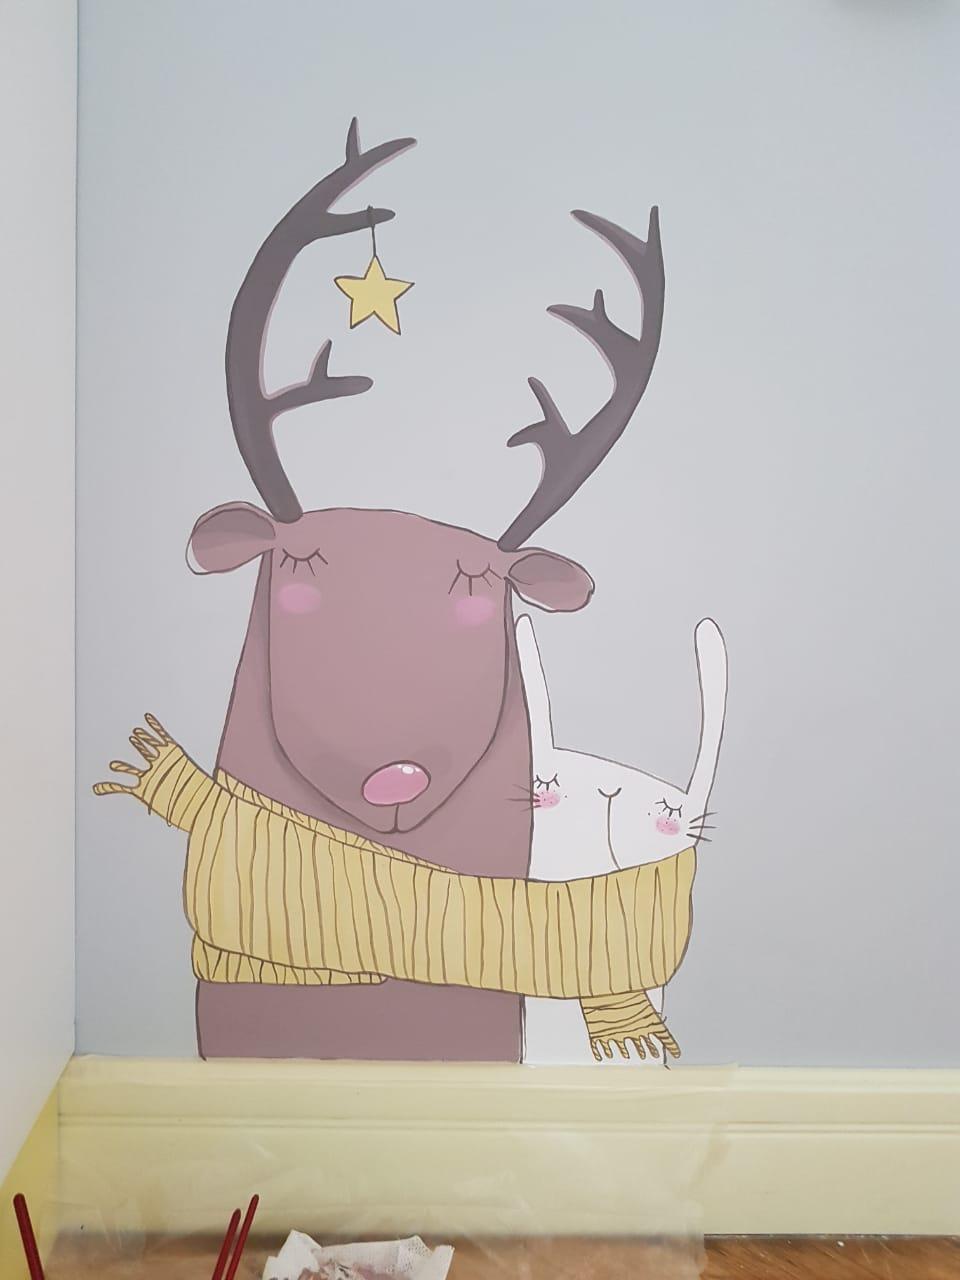 олень рисунок в детской комнате